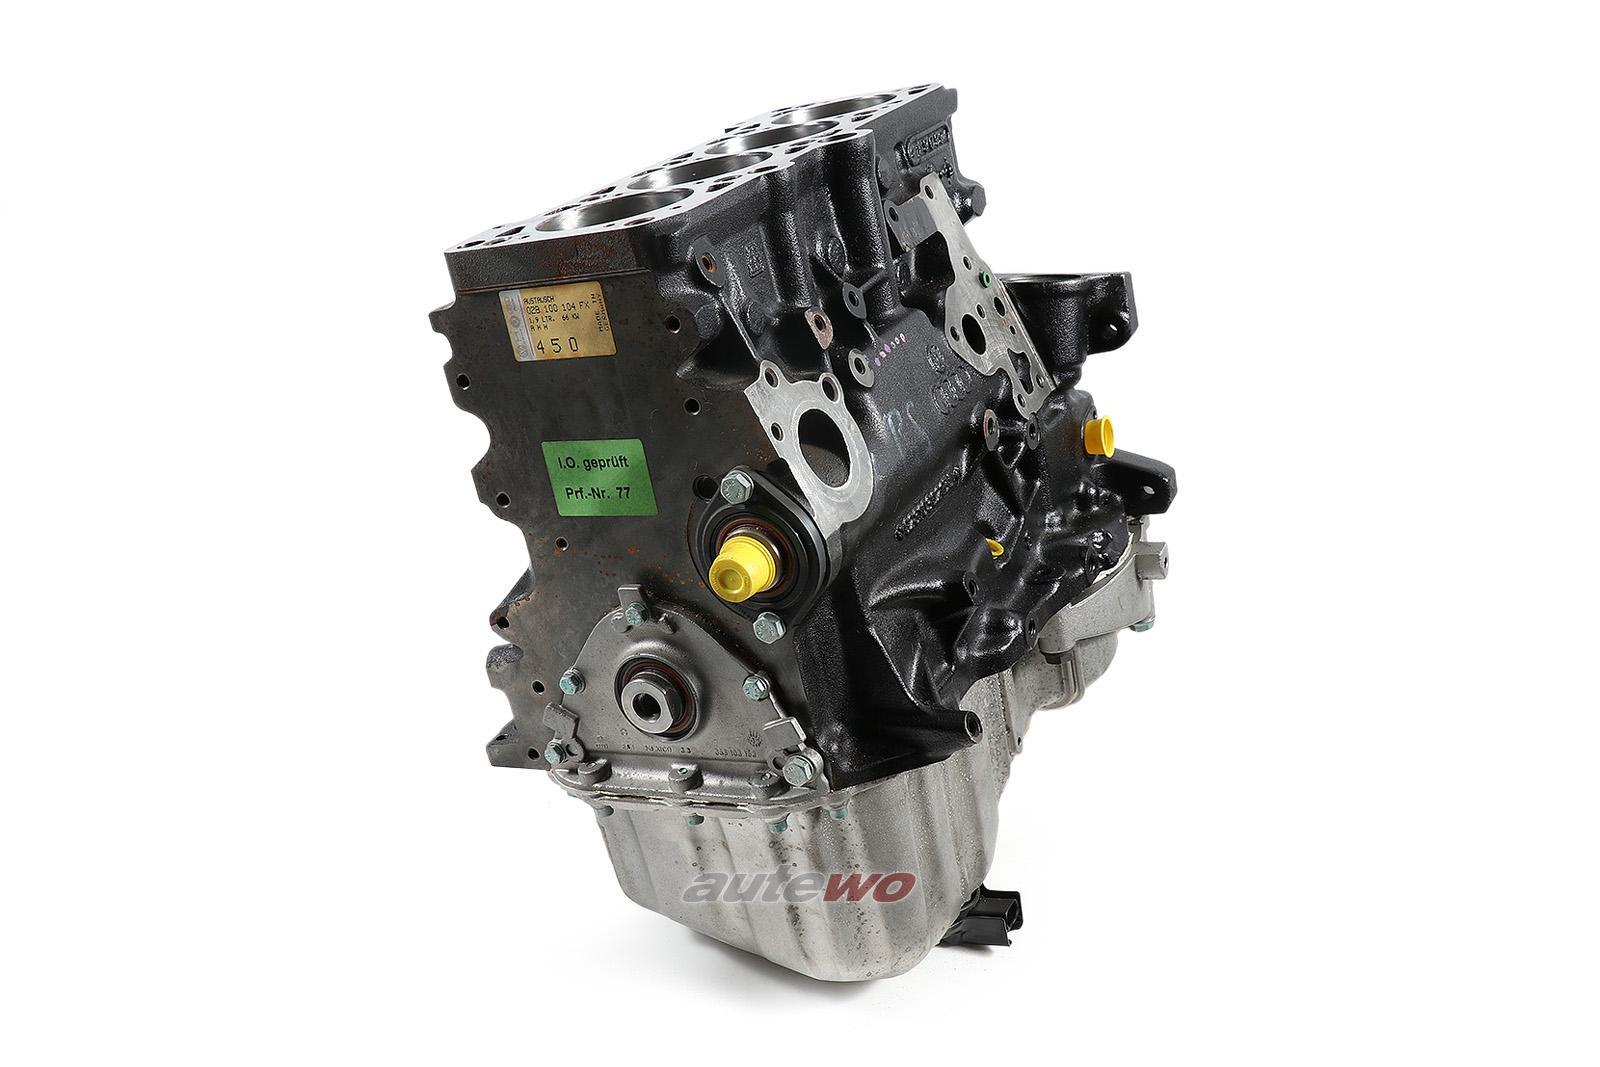 028100104FX NEU Audi A4 B5 1.9l TDI AHH Teilmotor komplett